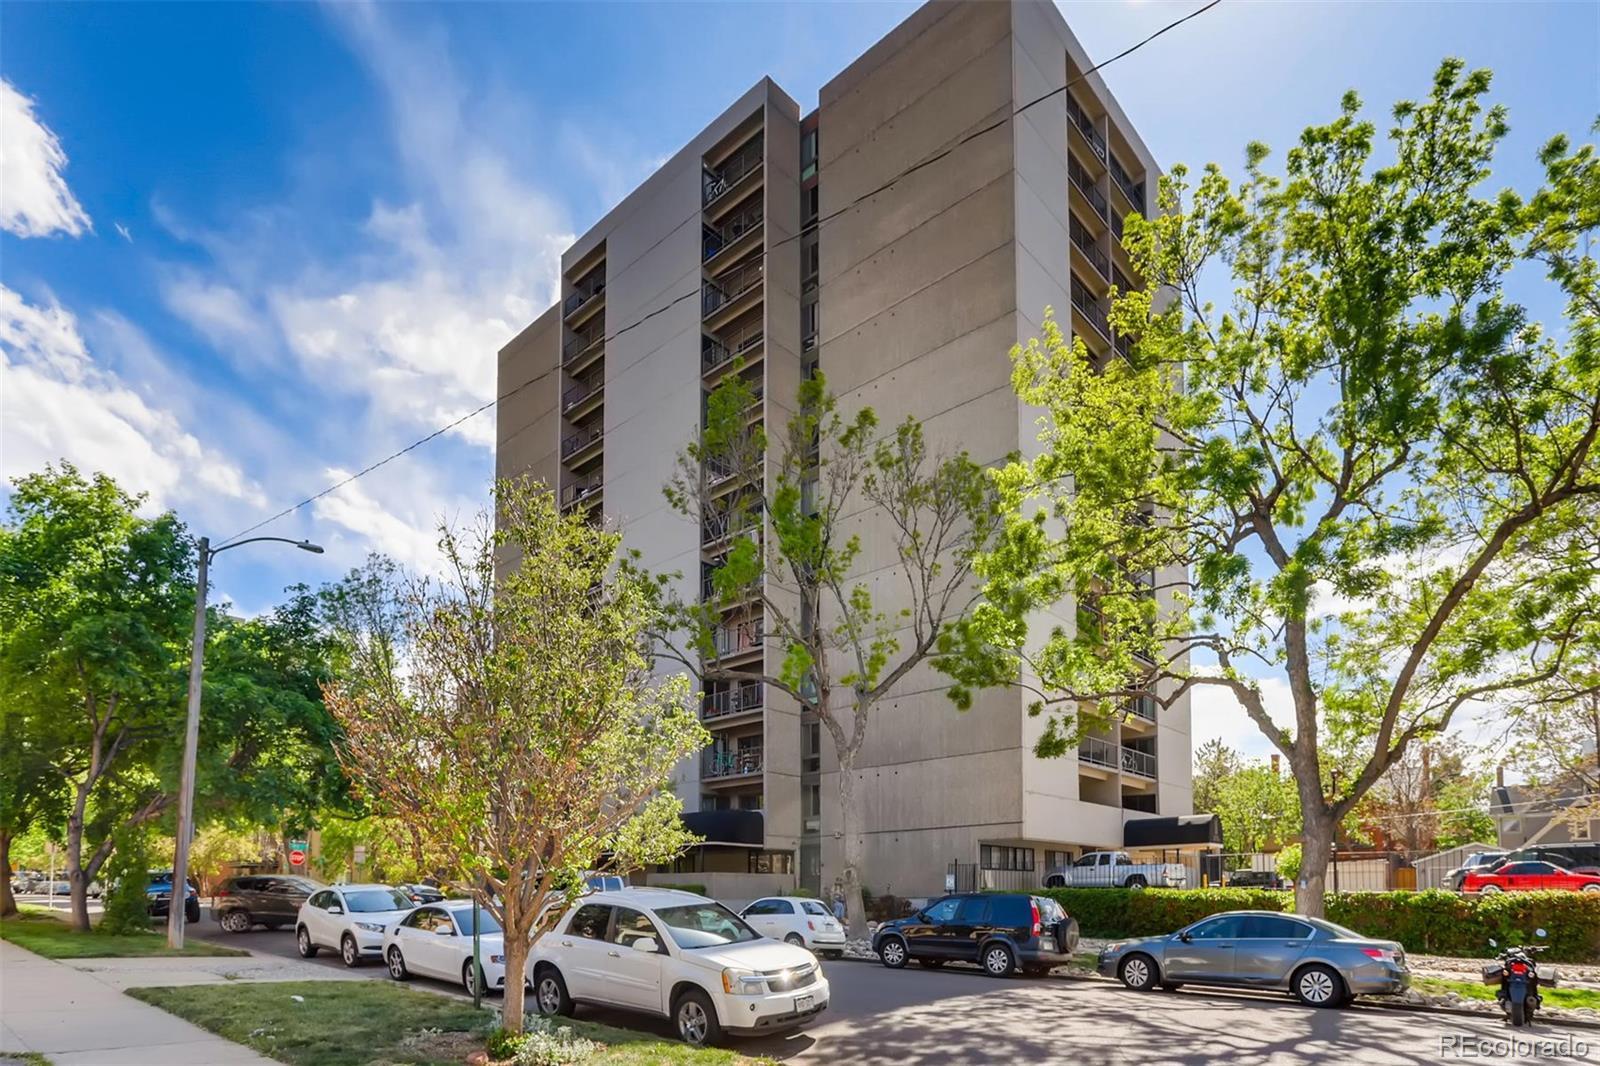 1433 N Williams Street #605, Denver, CO 80218 - Denver, CO real estate listing